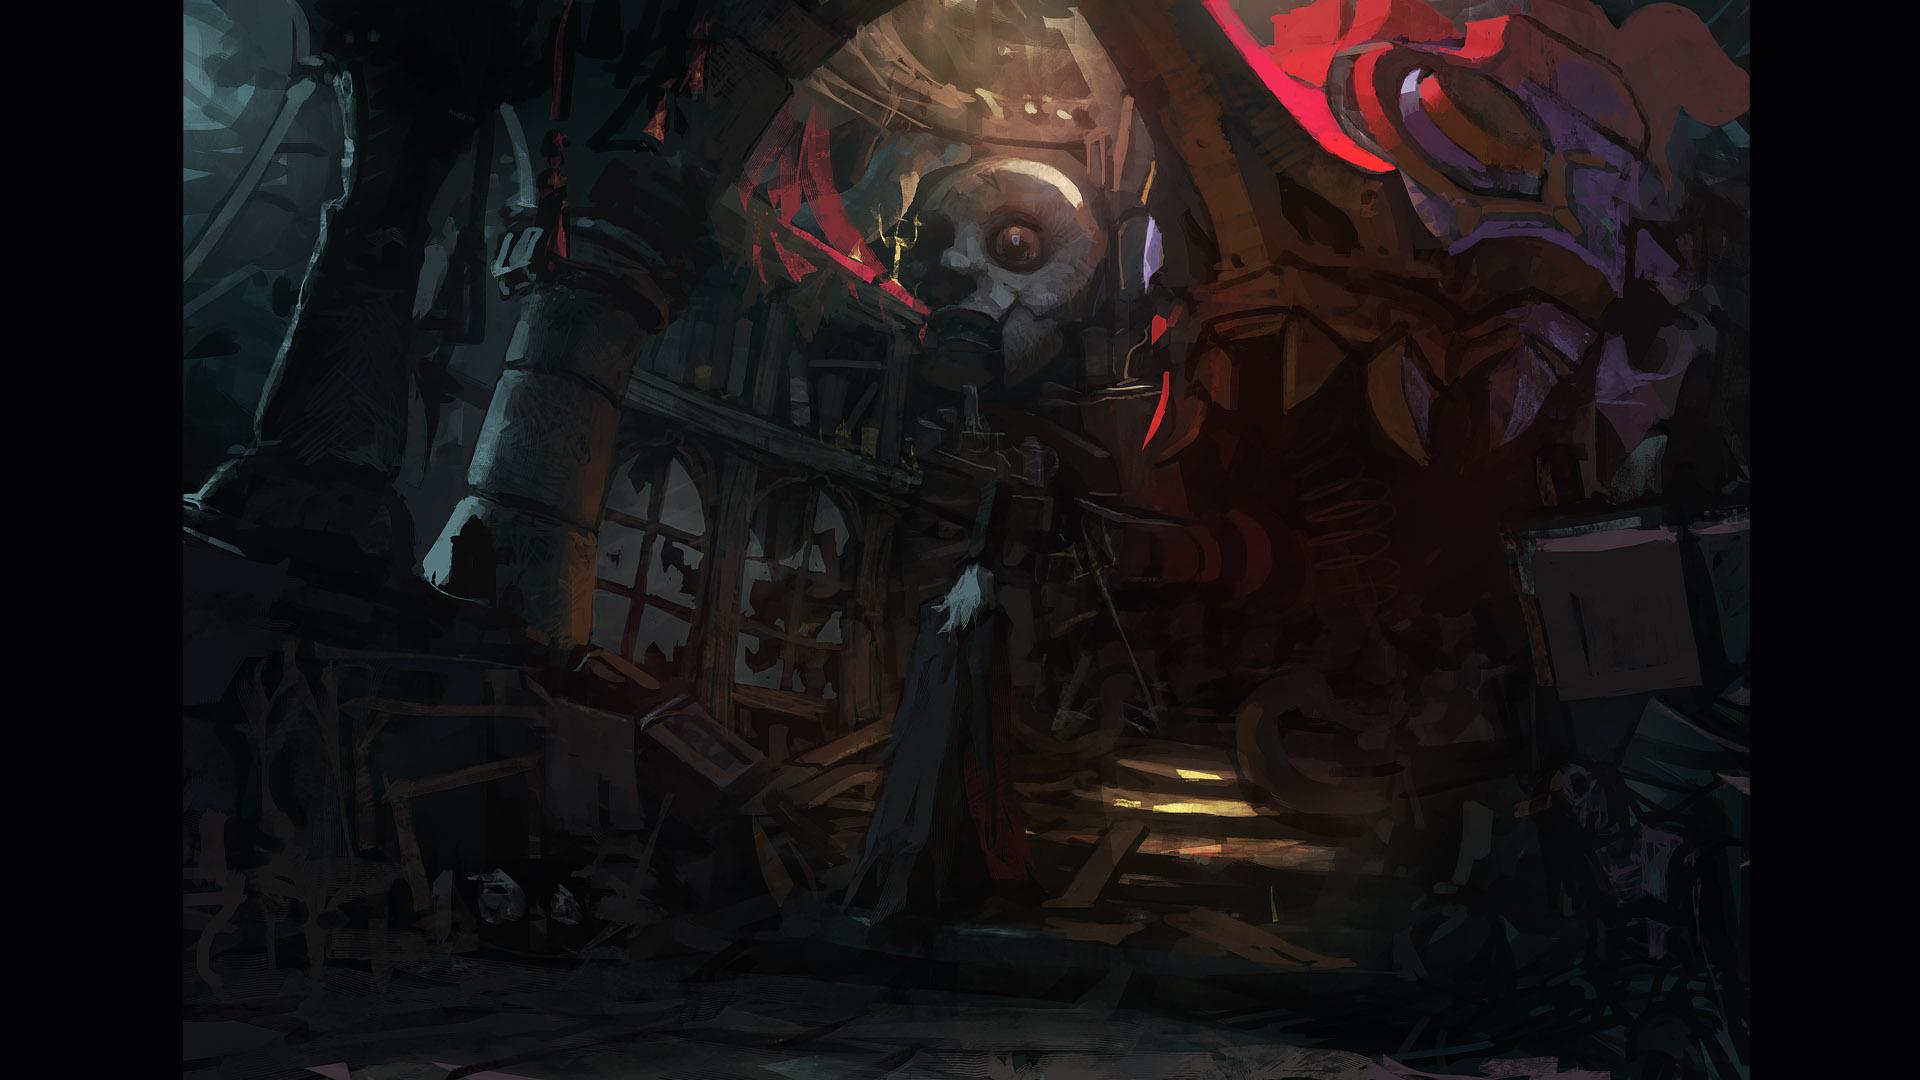 Castlevania-LordsofShadow-MirrorofFate 3DS Visuel 006